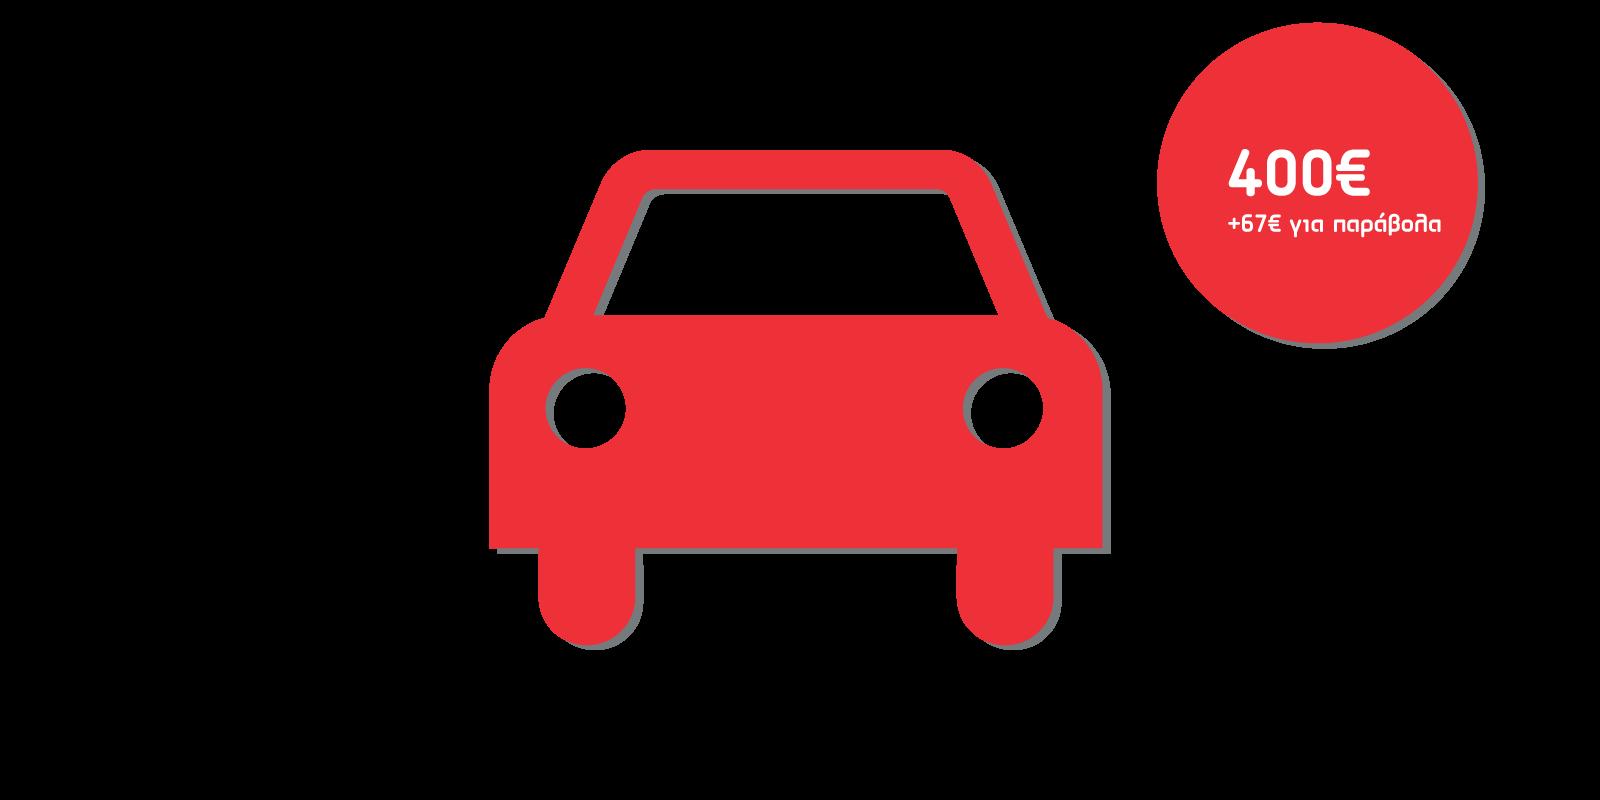 Δίπλωμα αυτοκινήτου 400€ (επέκταση από Μοτοσυκλέτας))